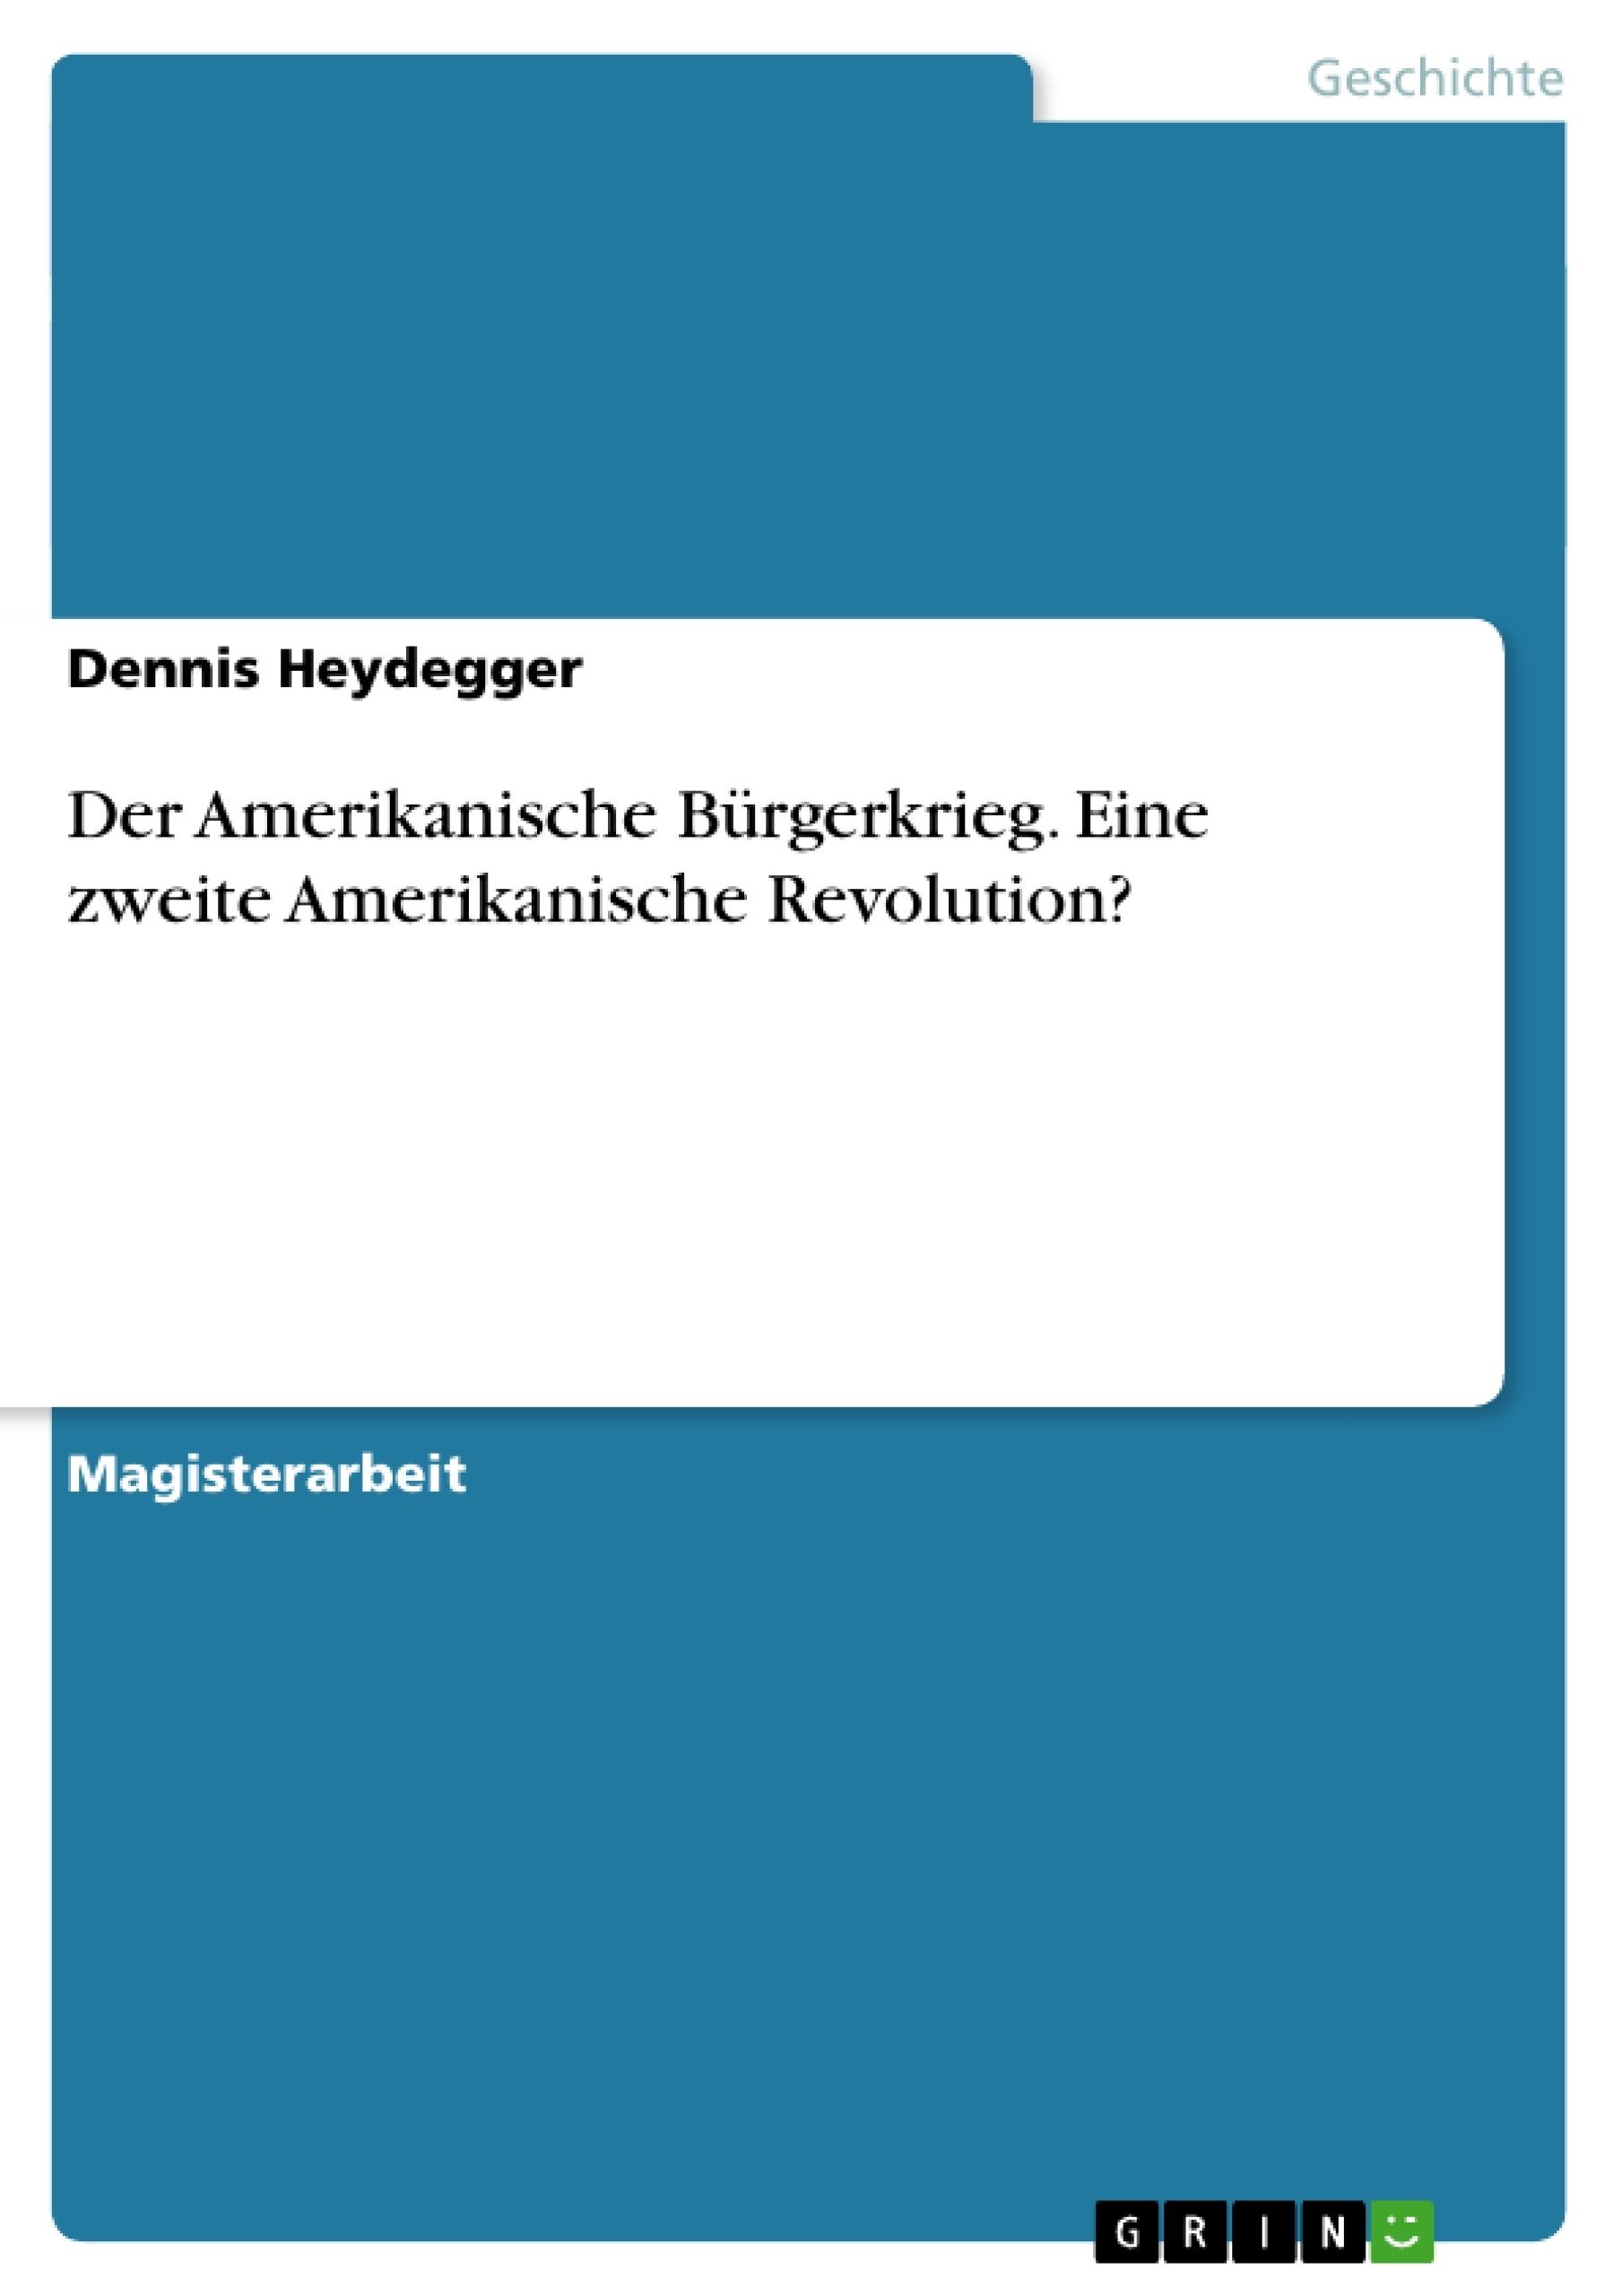 Titel: Der Amerikanische Bürgerkrieg. Eine zweite Amerikanische Revolution?